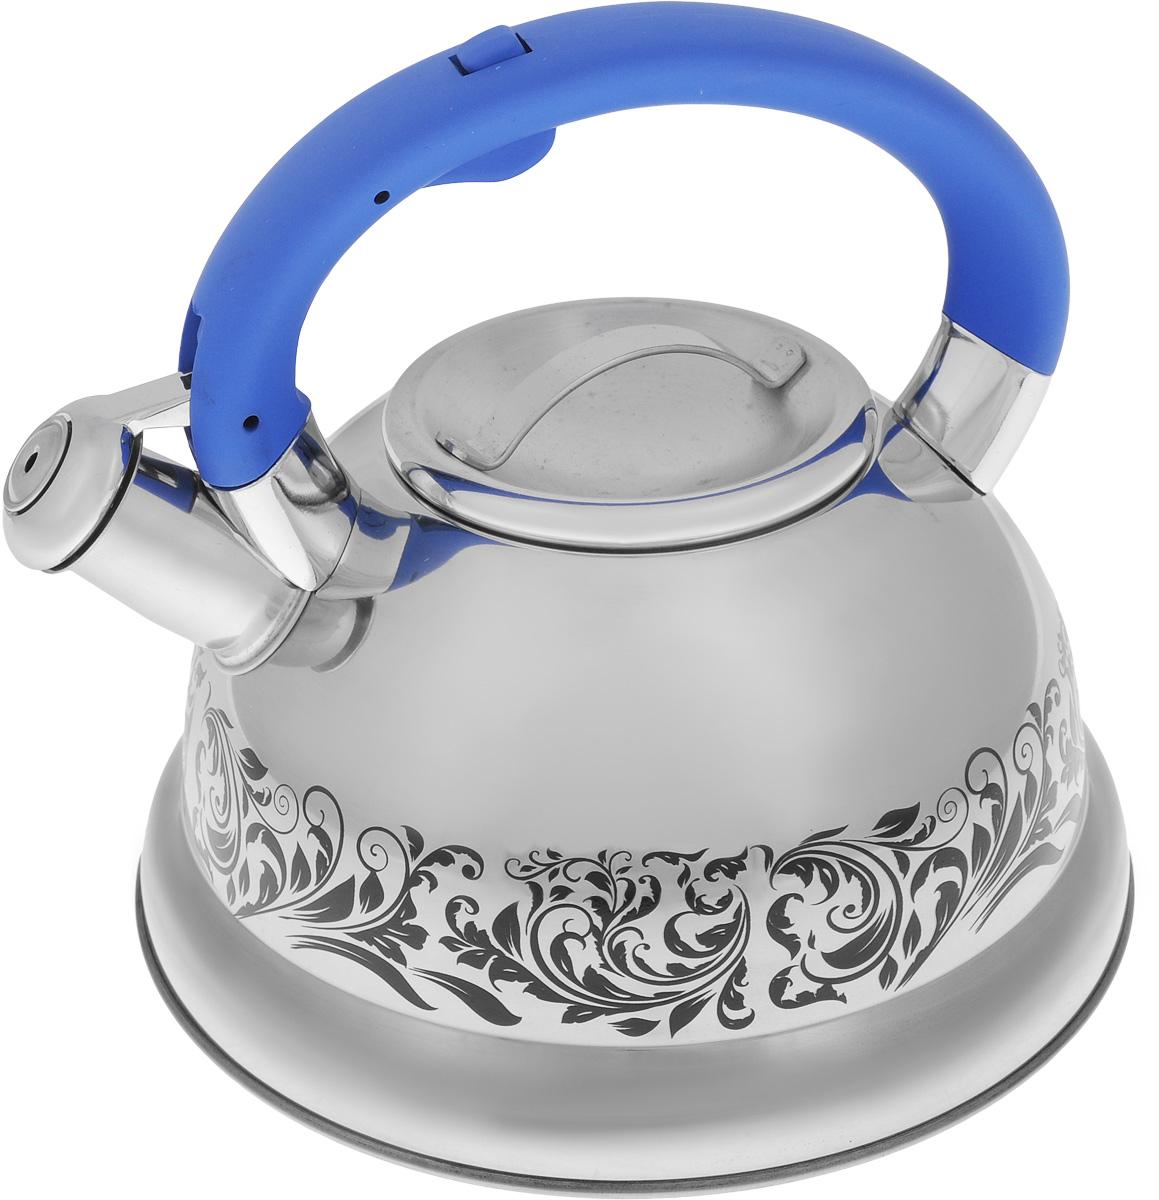 Чайник Mayer & Boch, со свистком, цвет: стальной, синий, 2,6 л. 2341754 009305Чайник Mayer & Boch выполнен из нержавеющей стали с зеркальной полировкой, что делает его весьма устойчивым к износу при длительном использовании. Изделие оснащено откидным свистком, который громко оповестит о закипании воды. Удобная эргономичная ручка изготовлена из бакелита. Такой чайник идеально впишется в интерьер любой кухни и станет замечательным подарком к любому случаю. Подходит для всех типов плит, включая индукционные. Можно мыть в посудомоечной машине.Диаметр чайника (по верхнему краю): 10 см.Диаметр индукционного диска: 18 см.Высота чайника (с учетом ручки): 20,5 см.